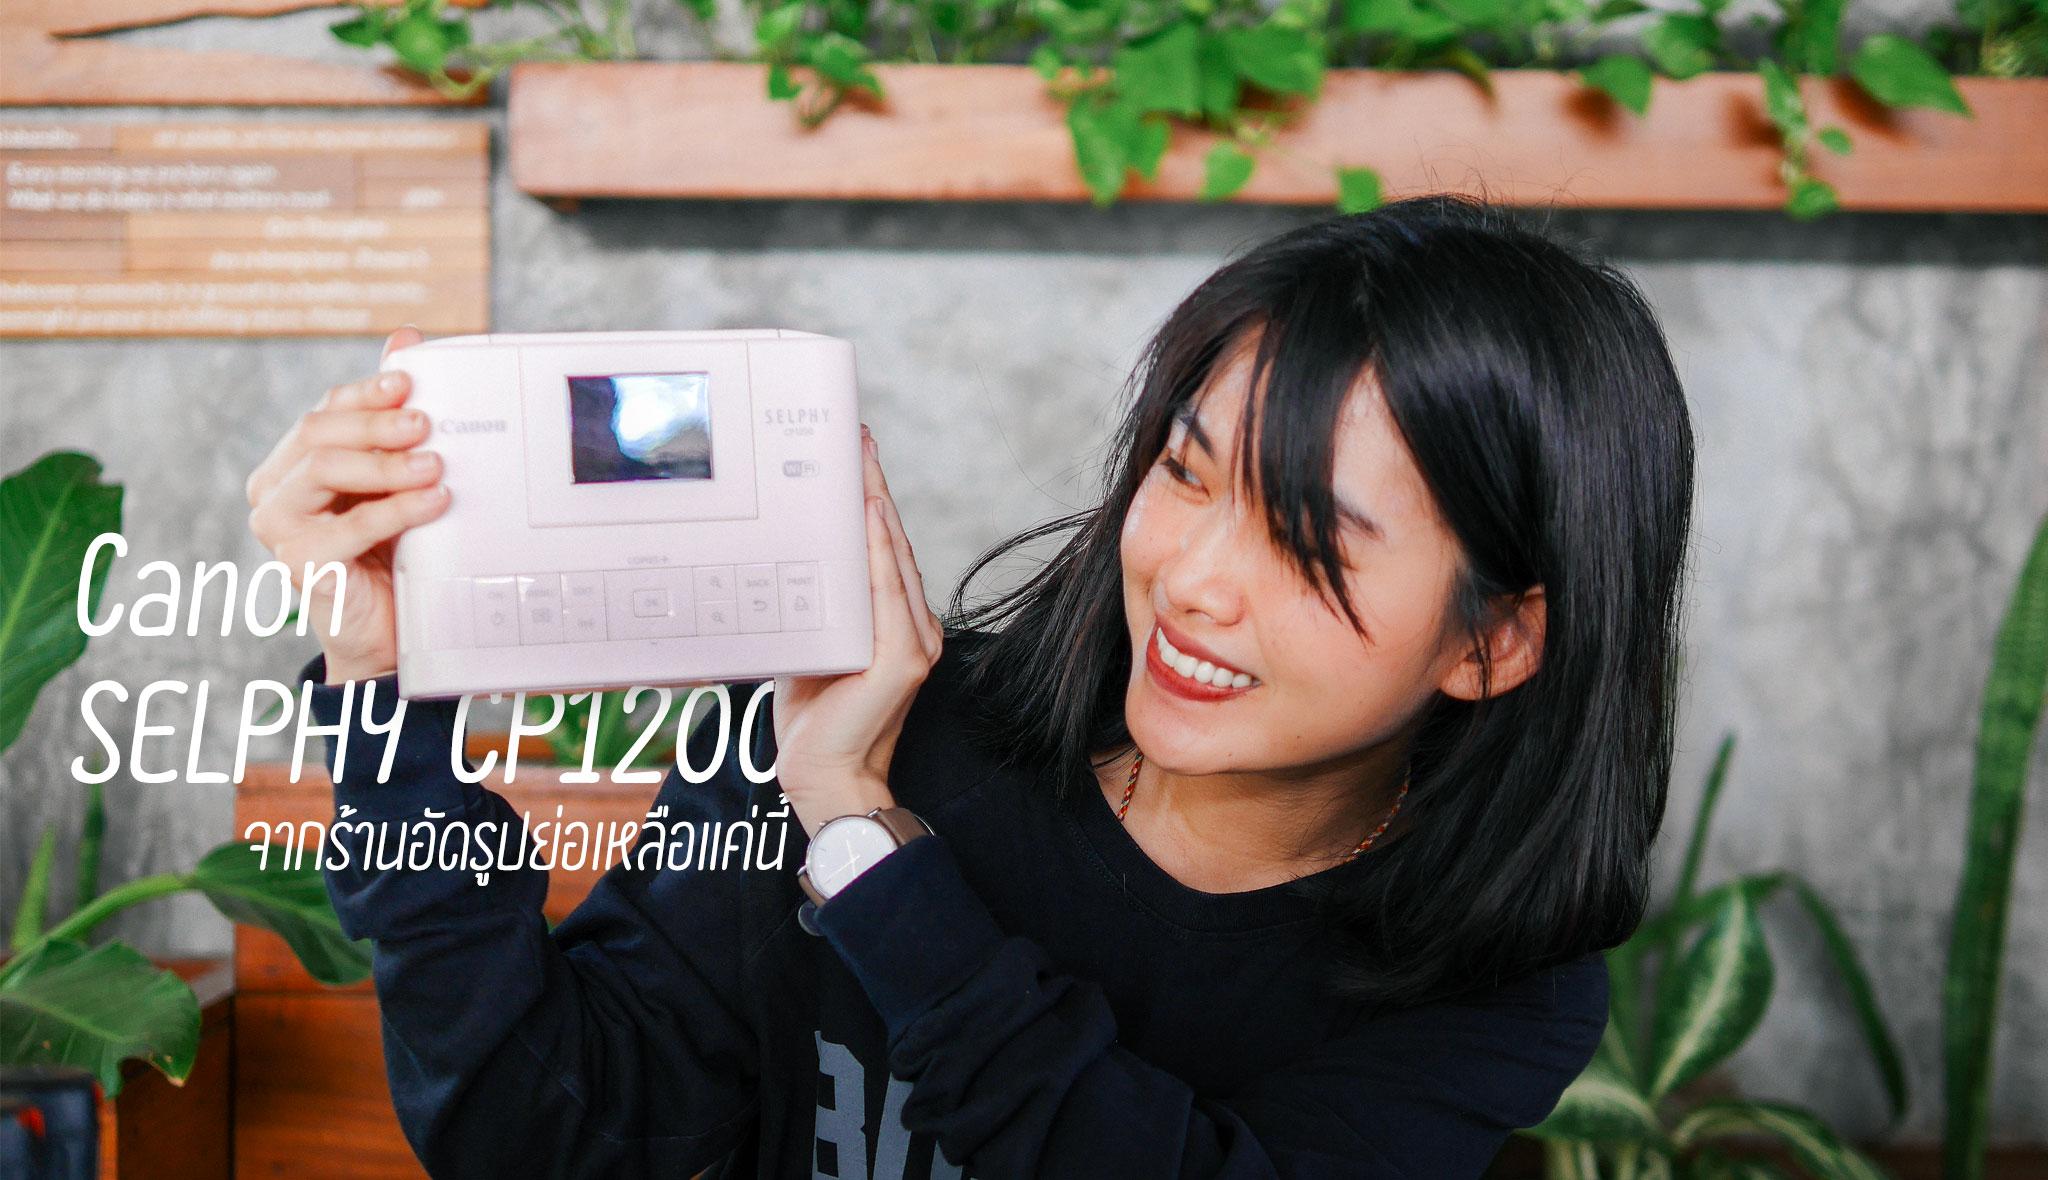 รีวิว Canon SELPHY CP1200 ปริ้นเตอร์รูปถ่ายพกพาที่ภาพชัด 100 ปี! ไปกับน้องก้อยแอดมินสาวเพจถ่ายรูป 13 - Canon (แคนนอน)